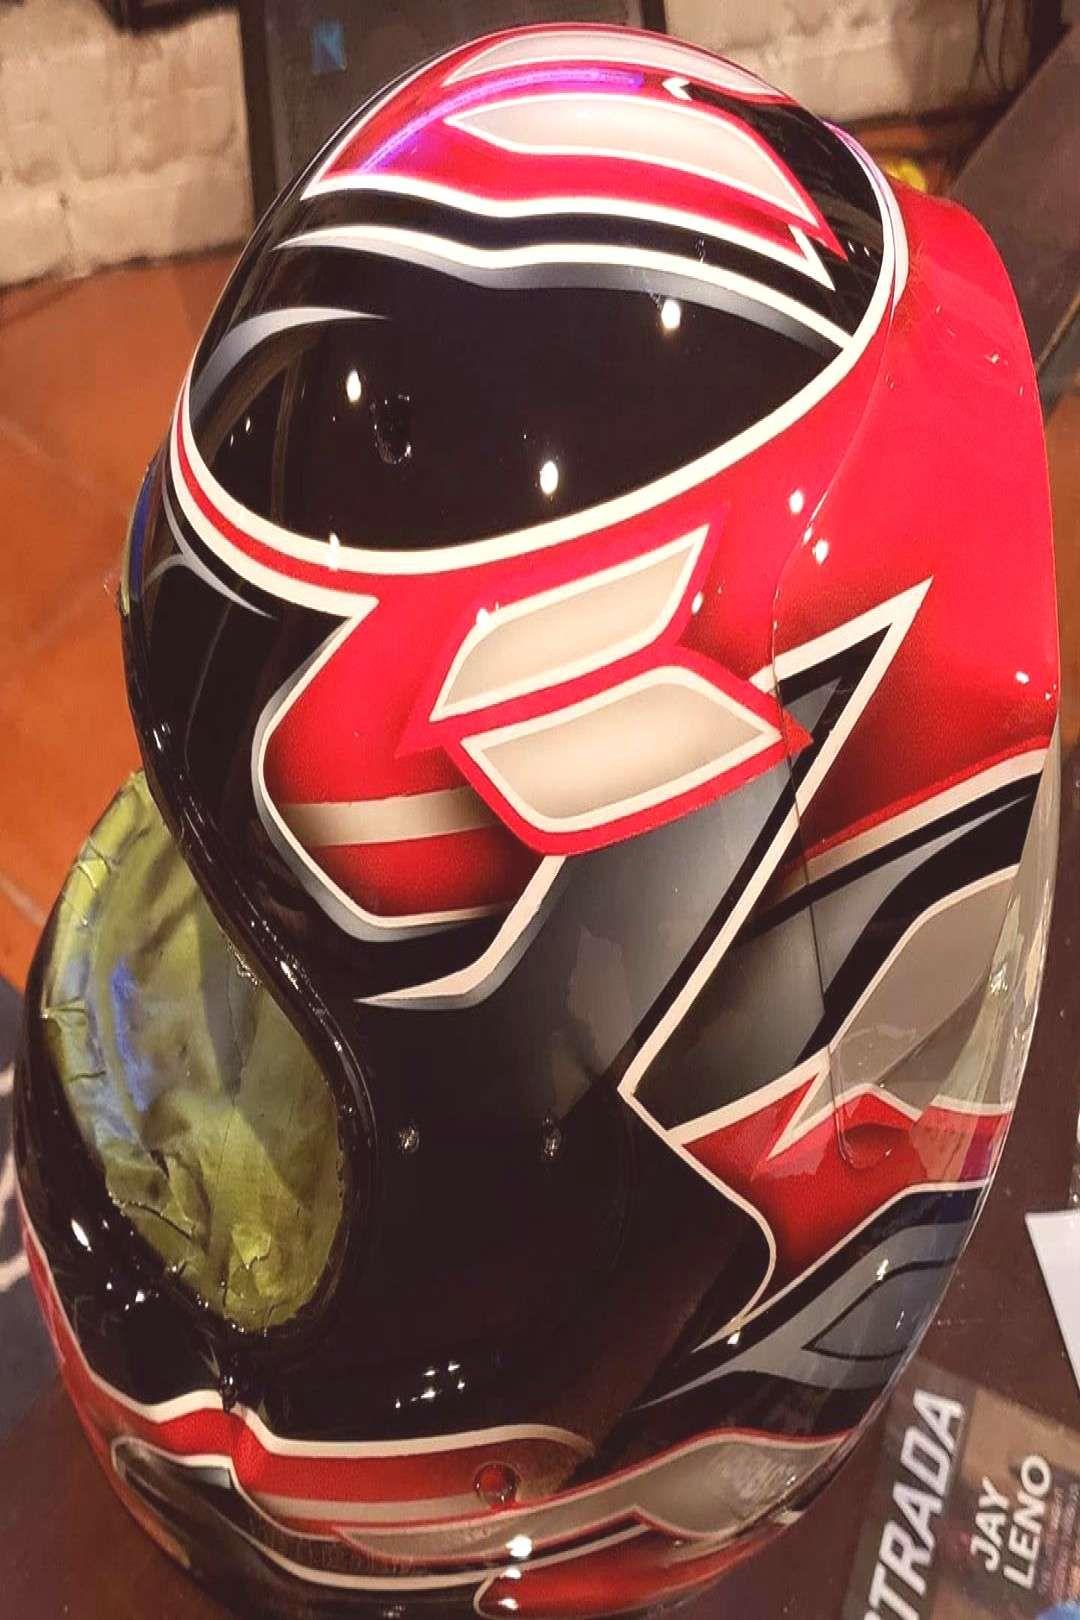 #february #canadian #valspar #helmet #232020 #karter #house #young #gibbs #photo #kolor #fink #and #for #all Helmet for a young go karter. All in Valspar and House of Kolor pYou can find Valspar and more on ou...